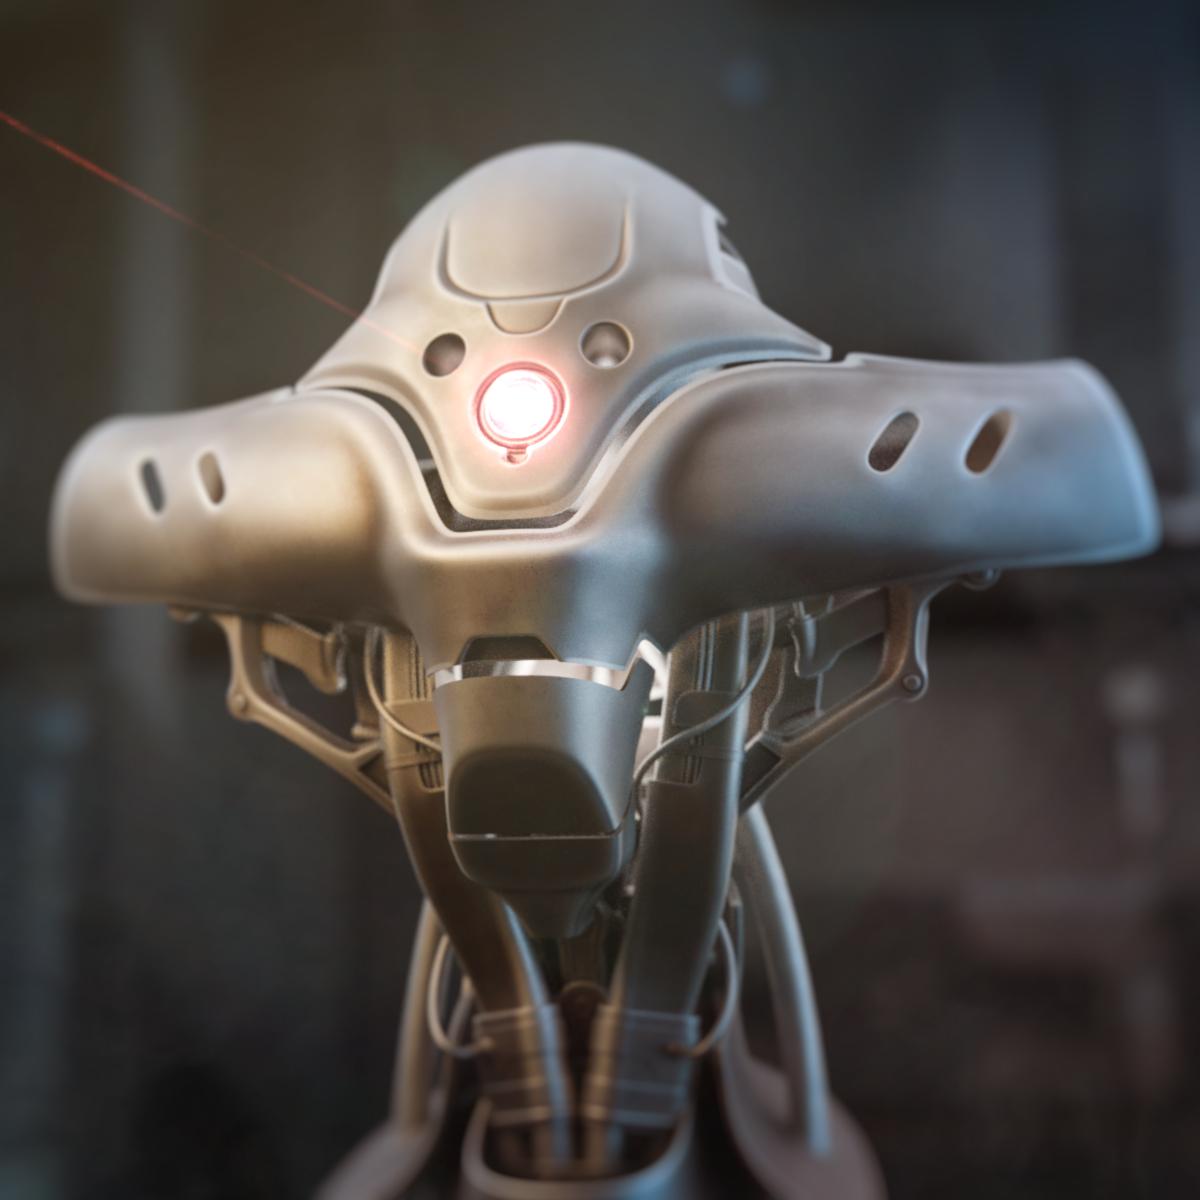 Prototype Droid